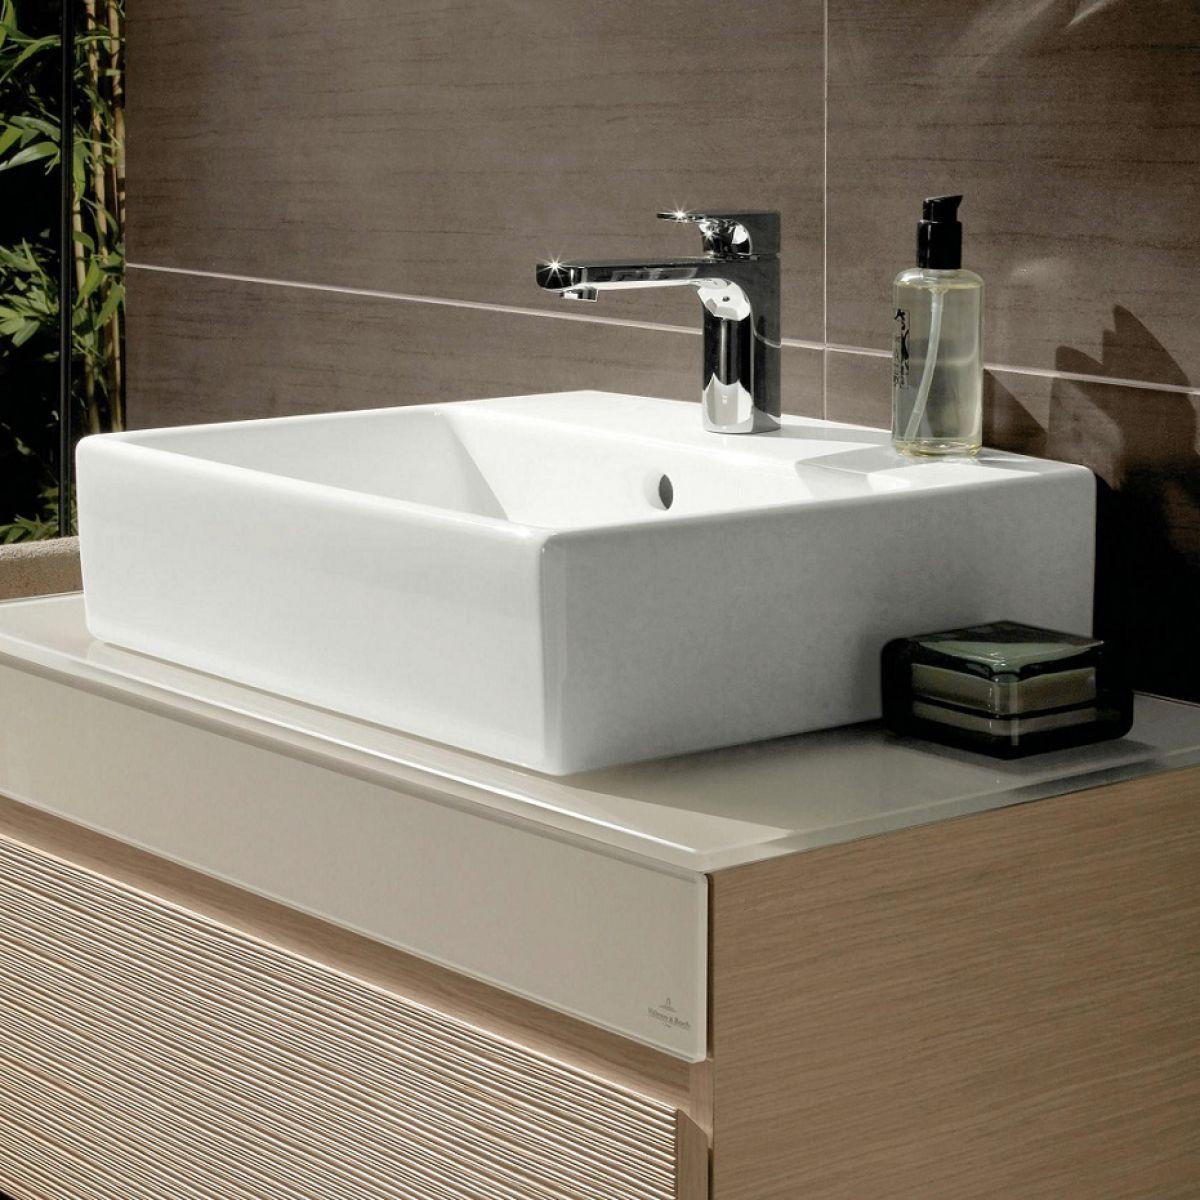 v b memento 500mm surface mounted furniture washbasin uk bathrooms. Black Bedroom Furniture Sets. Home Design Ideas